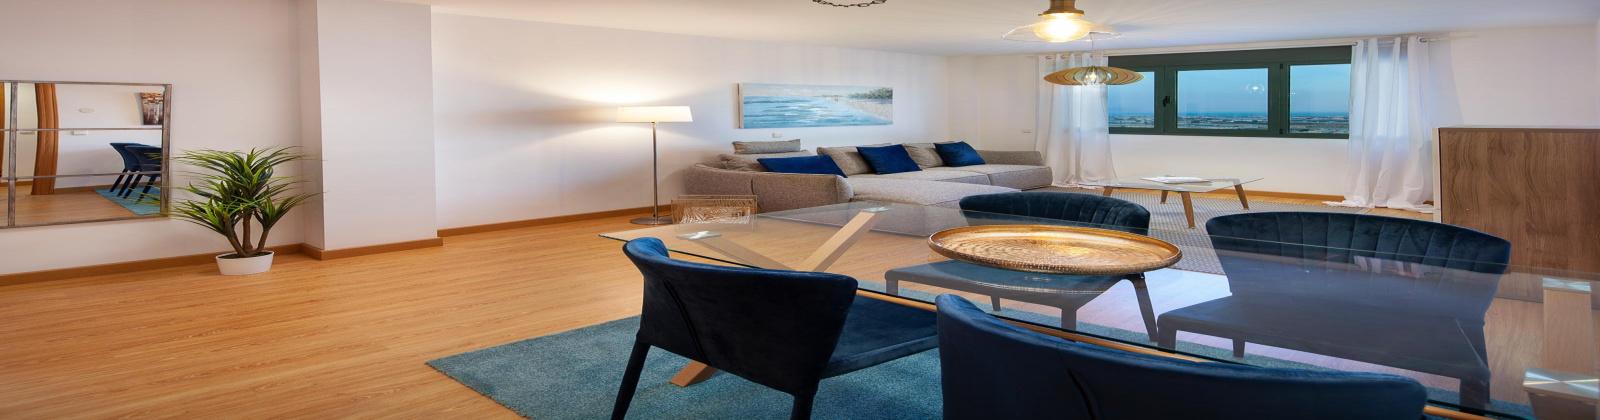 Avenida Torrecardenas 64, Almería, Almería 04009, 4 Habitaciones Habitaciones, ,2 BathroomsBathrooms,Viviendas,En venta,Edificio Europa,Avenida Torrecardenas,1009